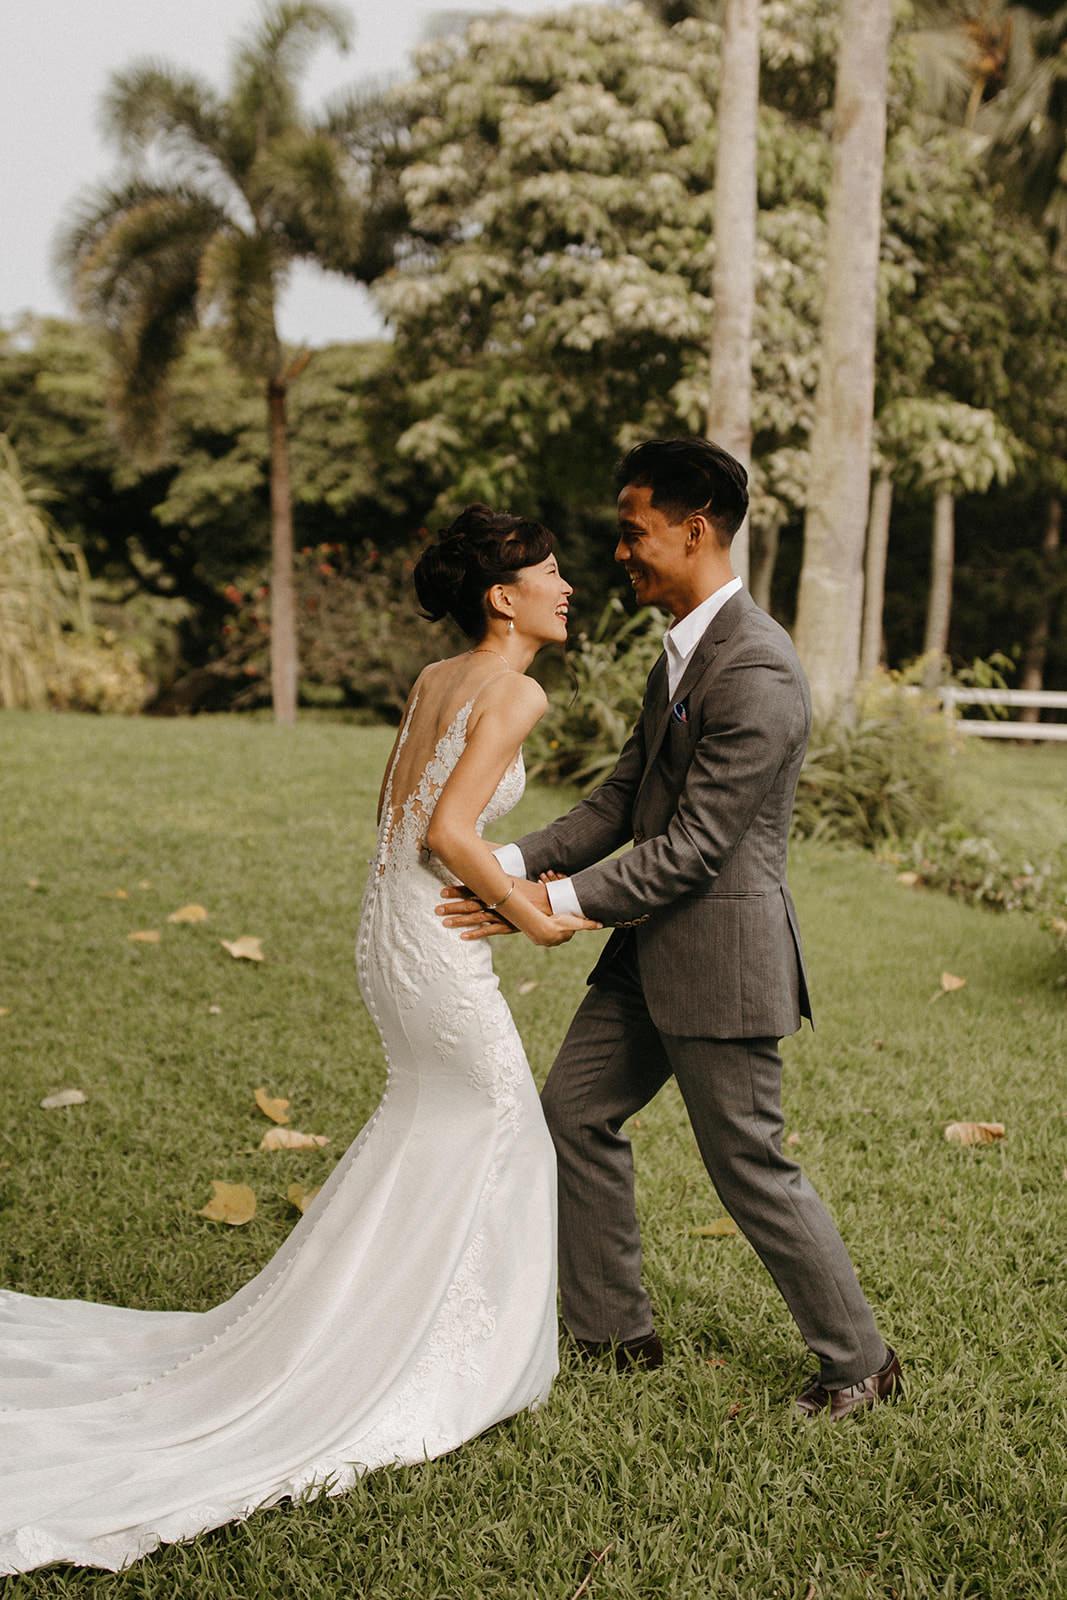 Kualoa_Hawaii_wedding_paliku19.jpg